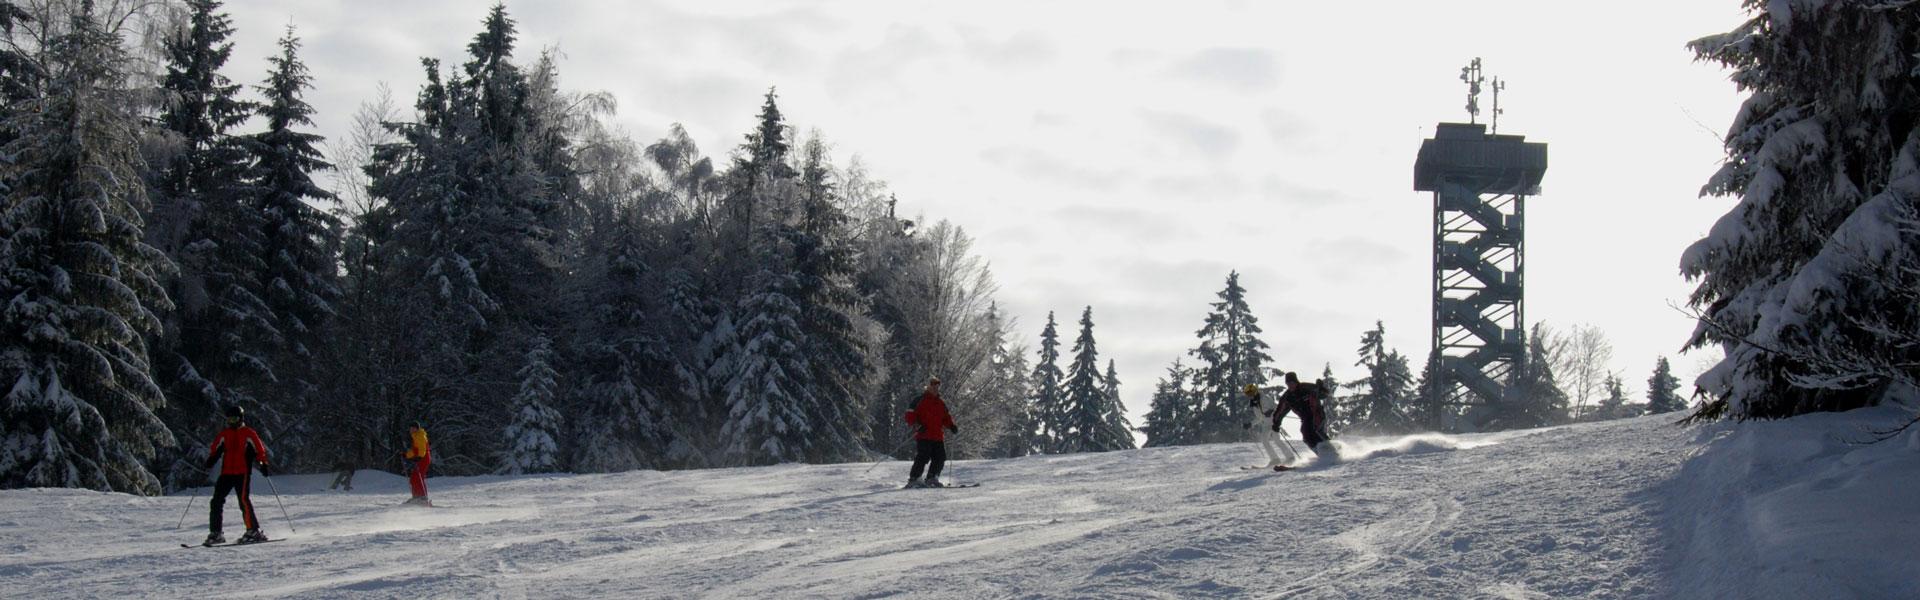 Ski und Snowboard – Spaß total im Skigebiet Oberfrauenwald